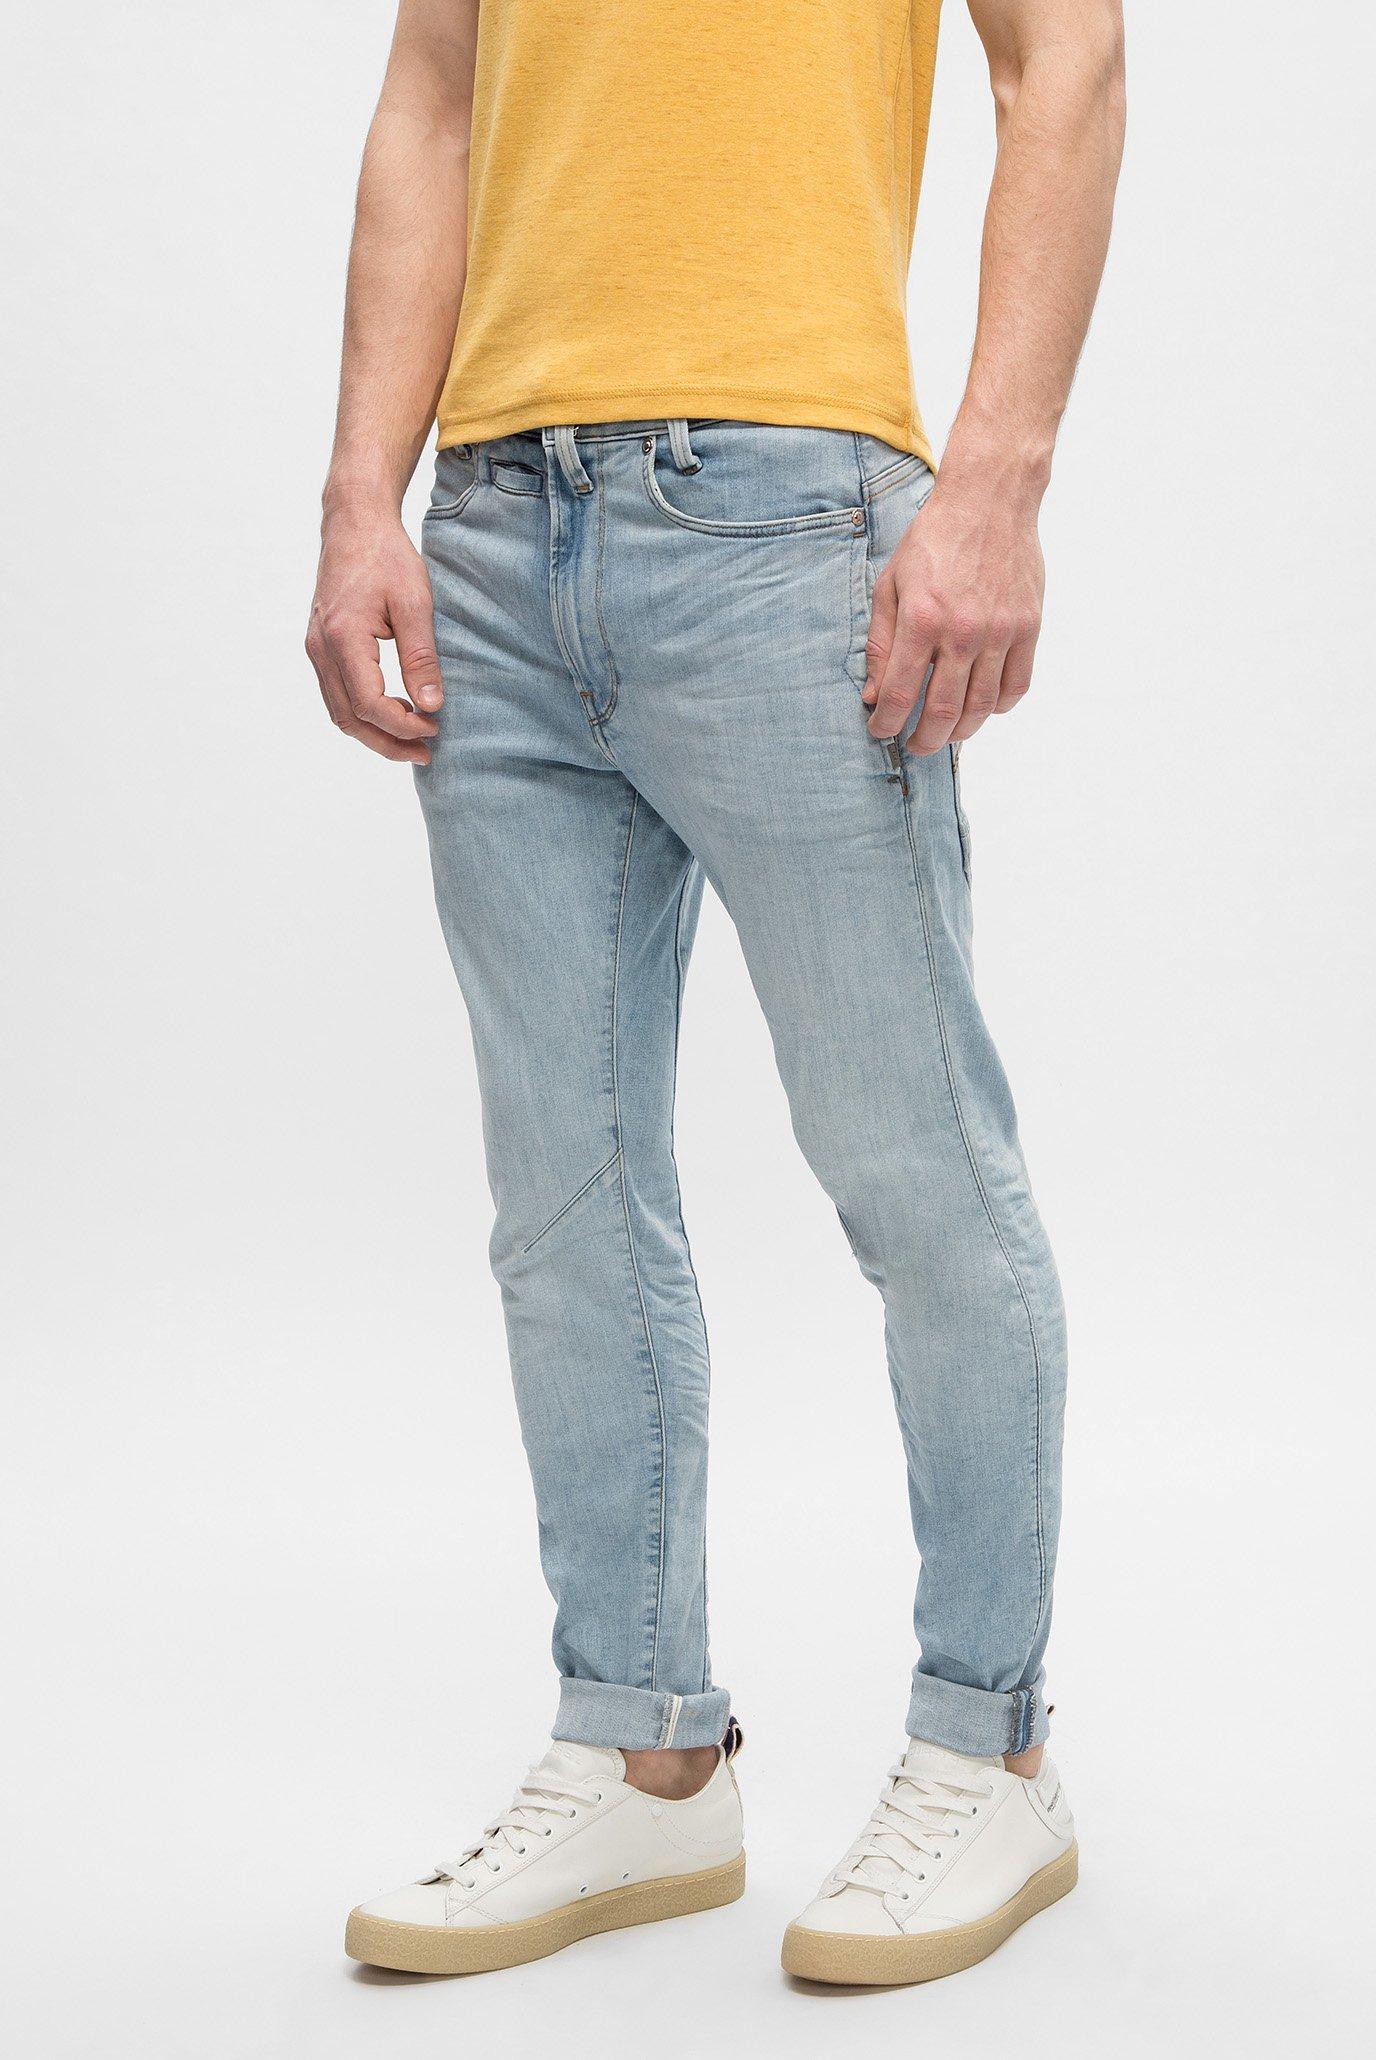 Купить Мужские голубые джинсы D-STAQ  G-Star RAW G-Star RAW D05385,8968 – Киев, Украина. Цены в интернет магазине MD Fashion